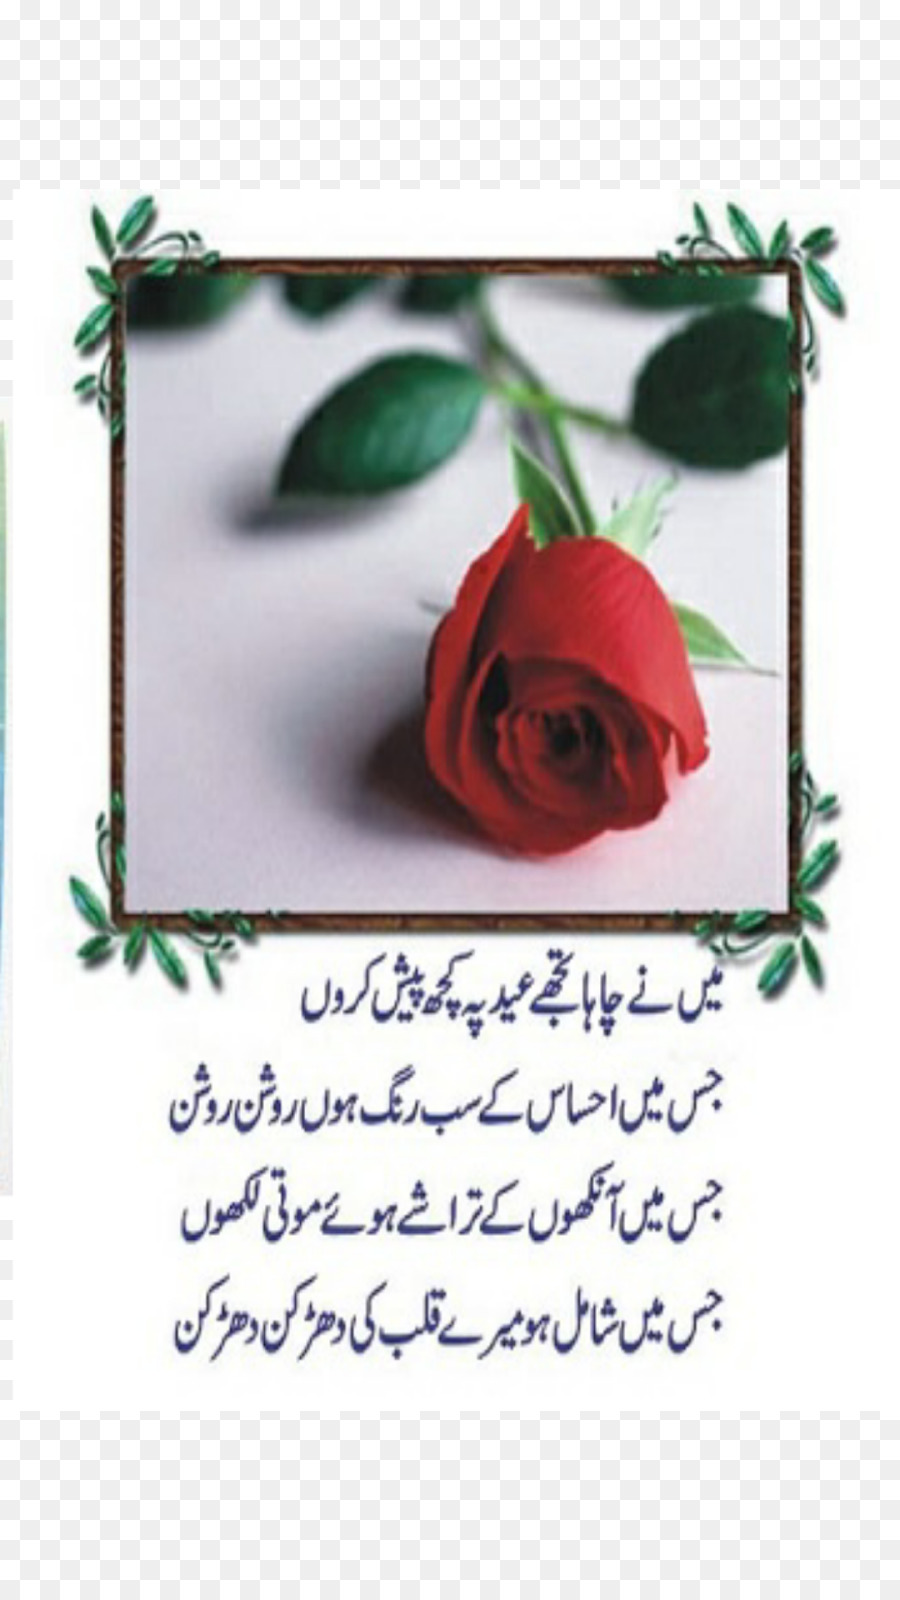 Urdu Poetry Eid Al Fitr Eid Al Adha Good Morning Poetry In Urdu